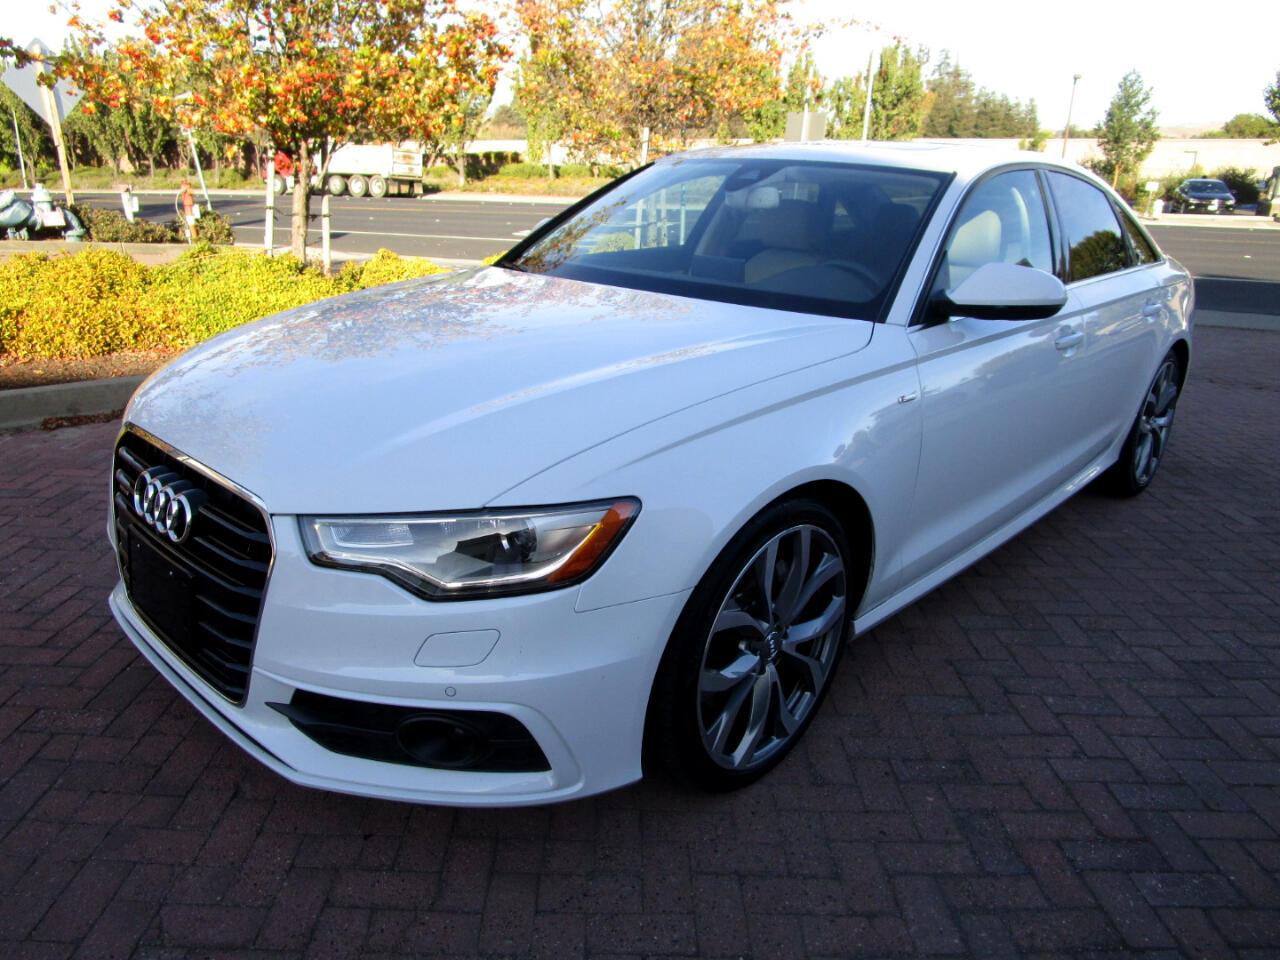 2014 Audi A6 3.0L TDI QUATTRO PRESTIGE**DRIVER ASSIST**HEAT/AC